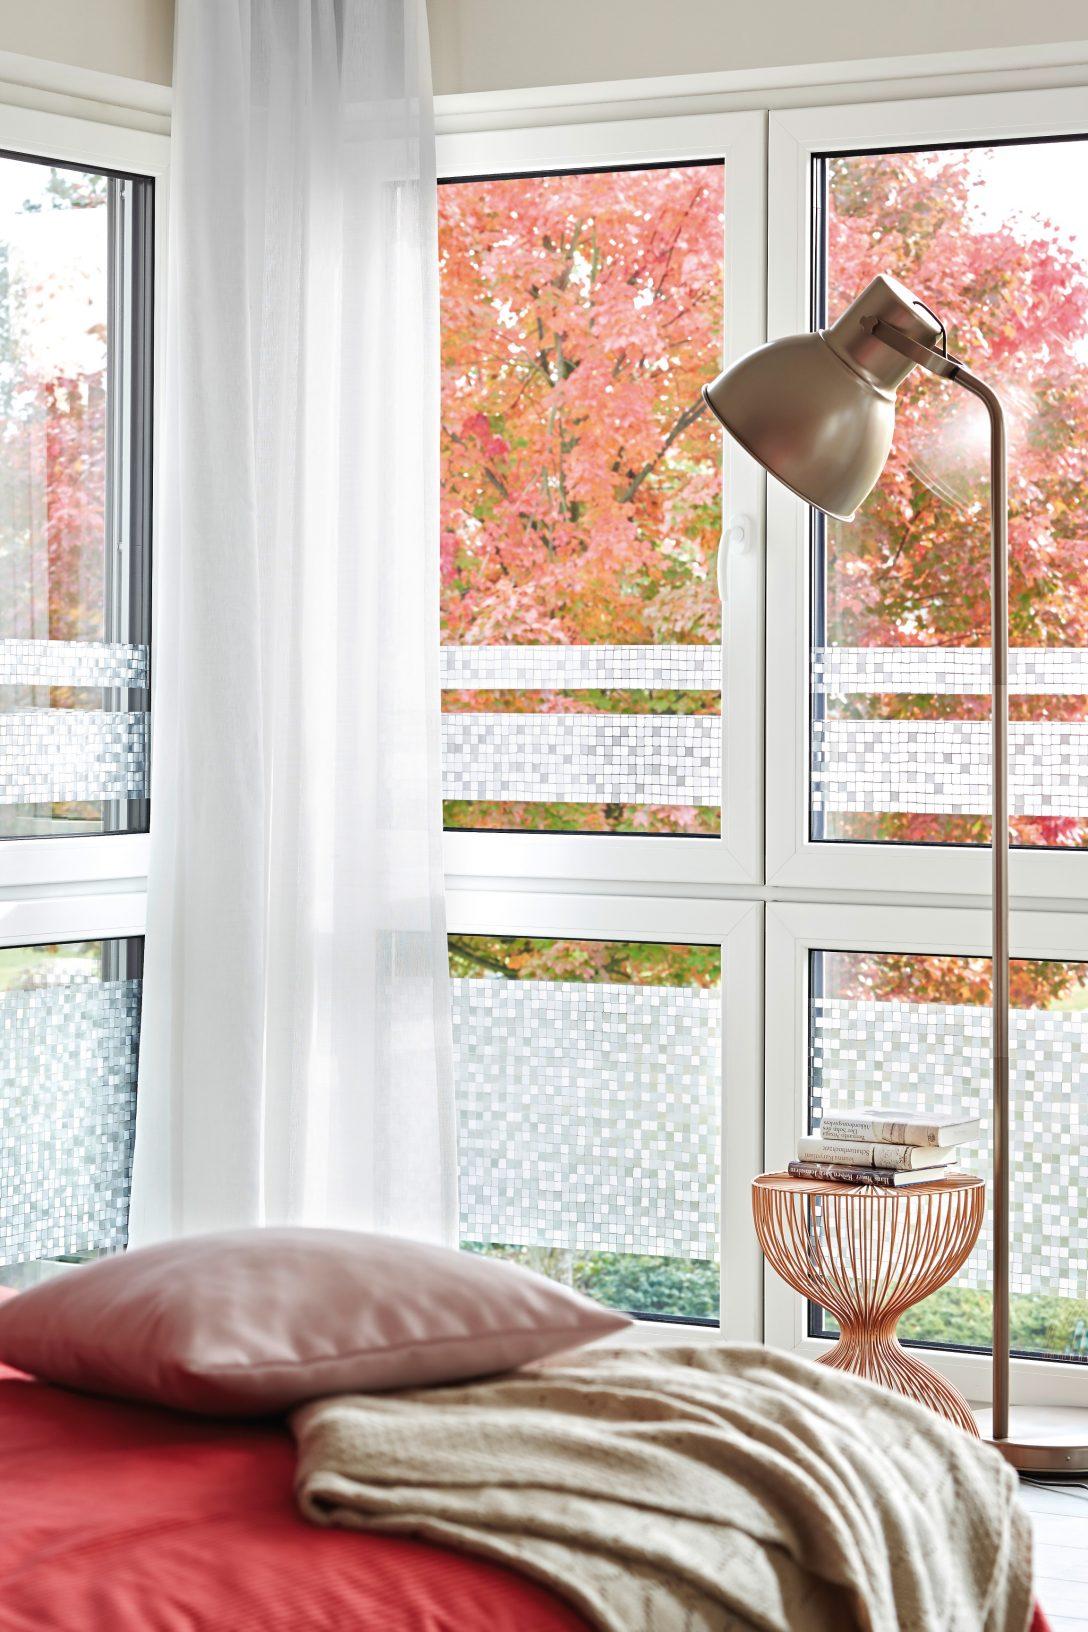 Large Size of Sichtschutz Fenster Fensterklebefolie Anbringen In 5 Schritten Obi Kbe Gitter Einbruchschutz Einbruchsichere Dachschräge 3 Fach Verglasung Verdunkelung Rehau Fenster Sichtschutz Fenster